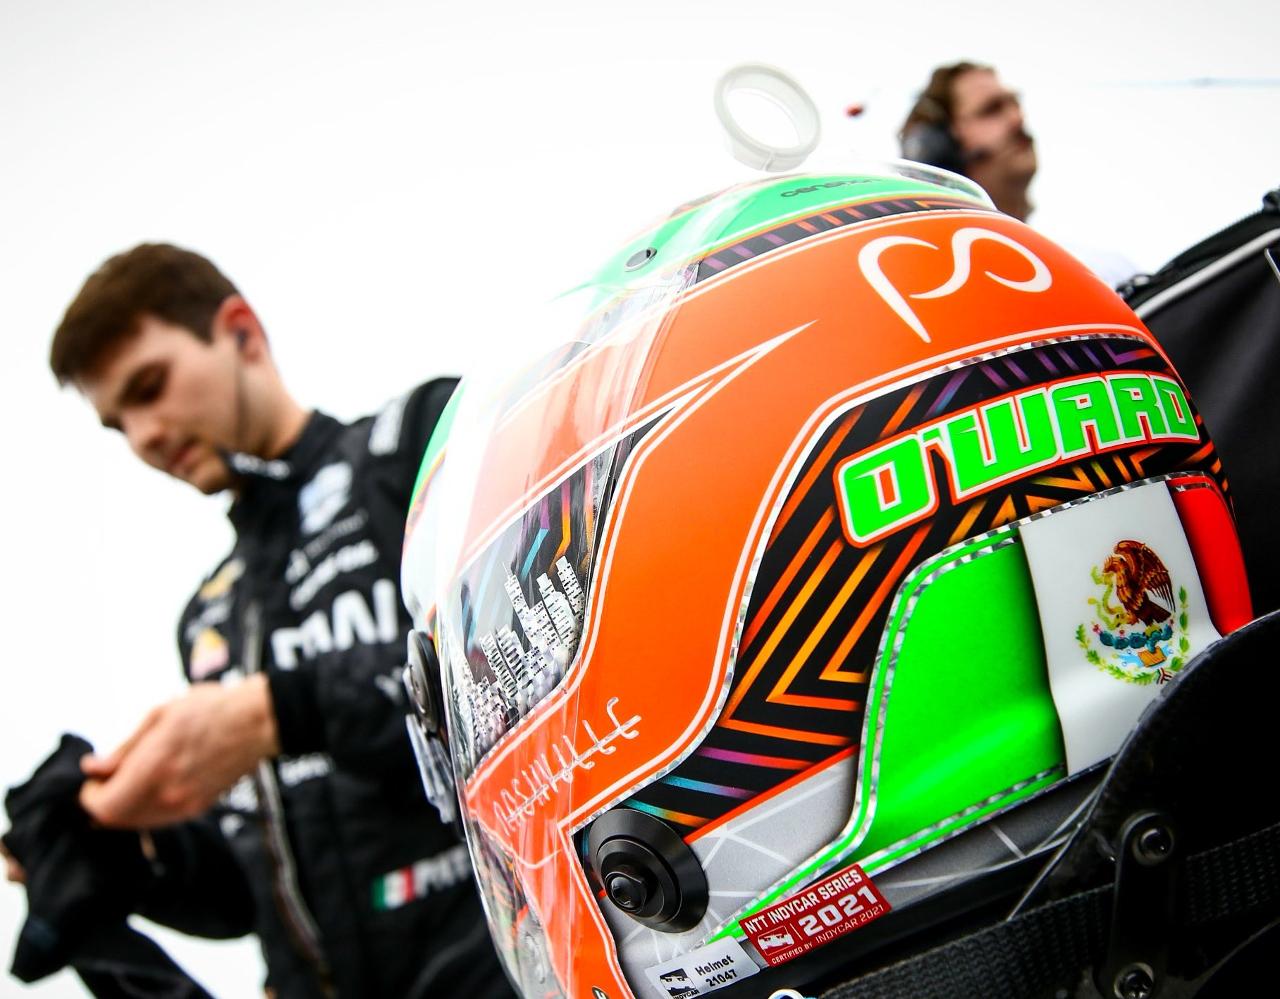 ¡Orgullo! 'Pato' O'Ward cierra en tercer lugar en el campeonato IndyCar